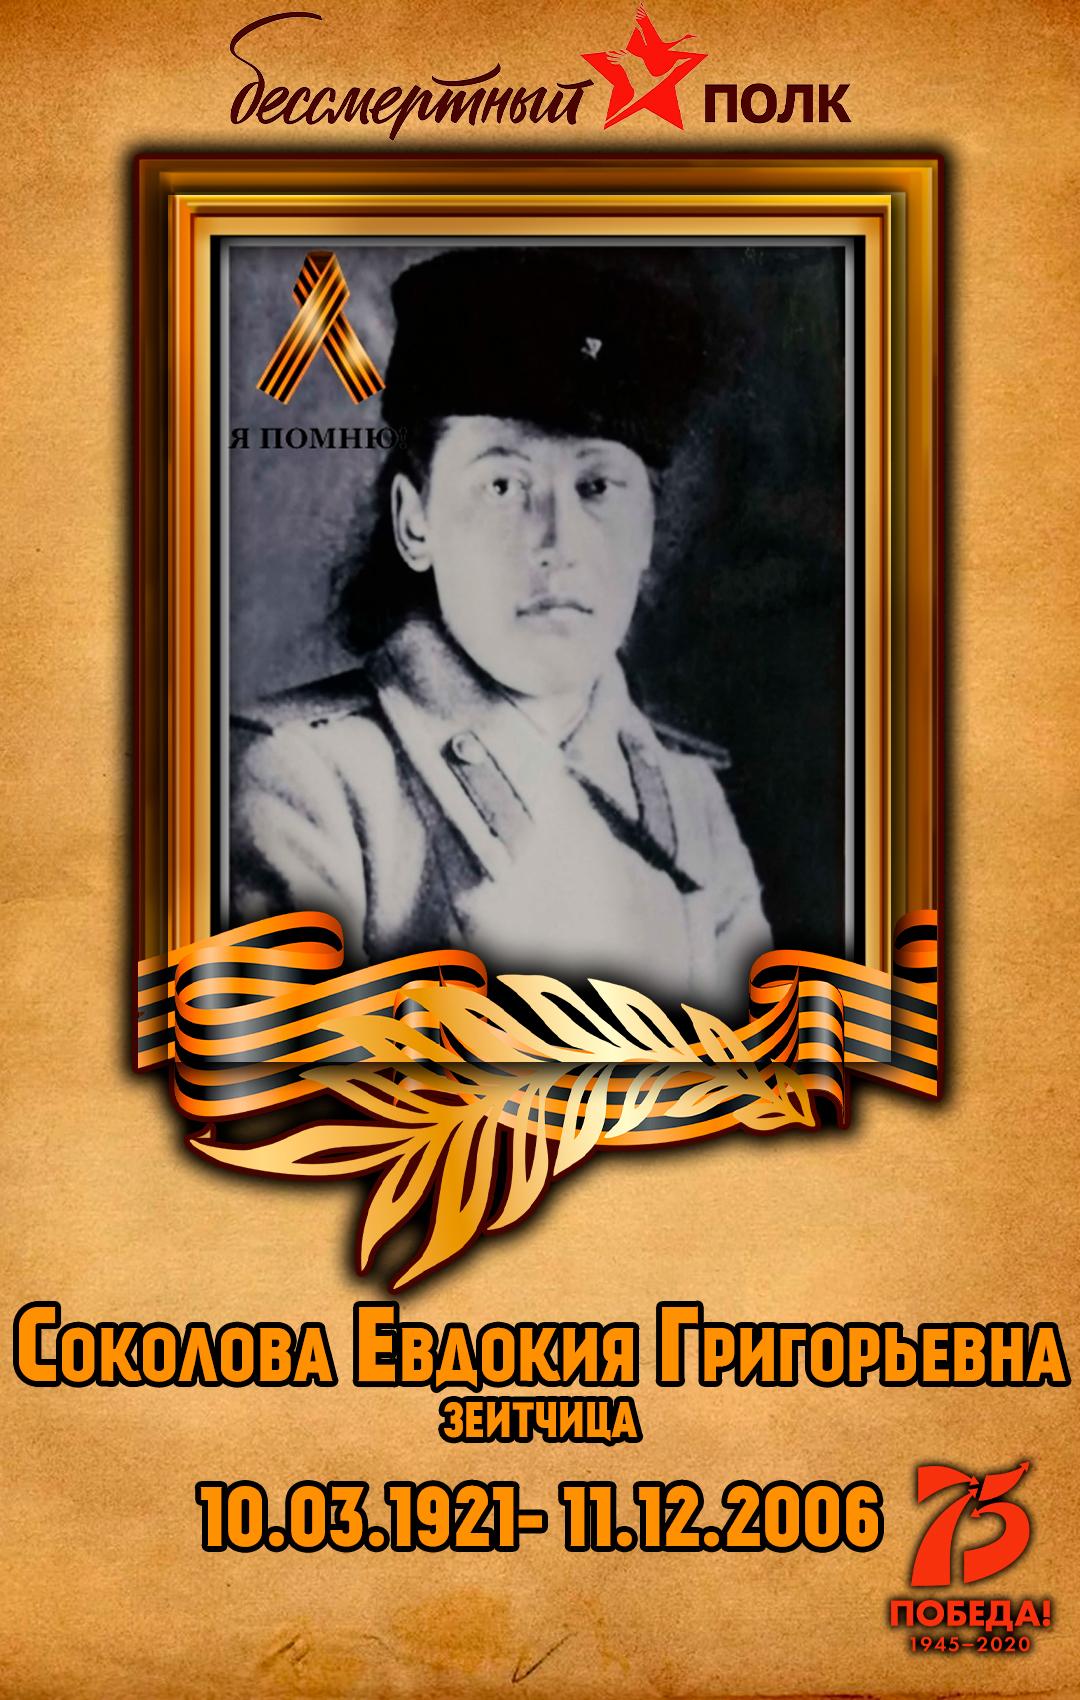 Соколова-Евдокия-Григорьевна